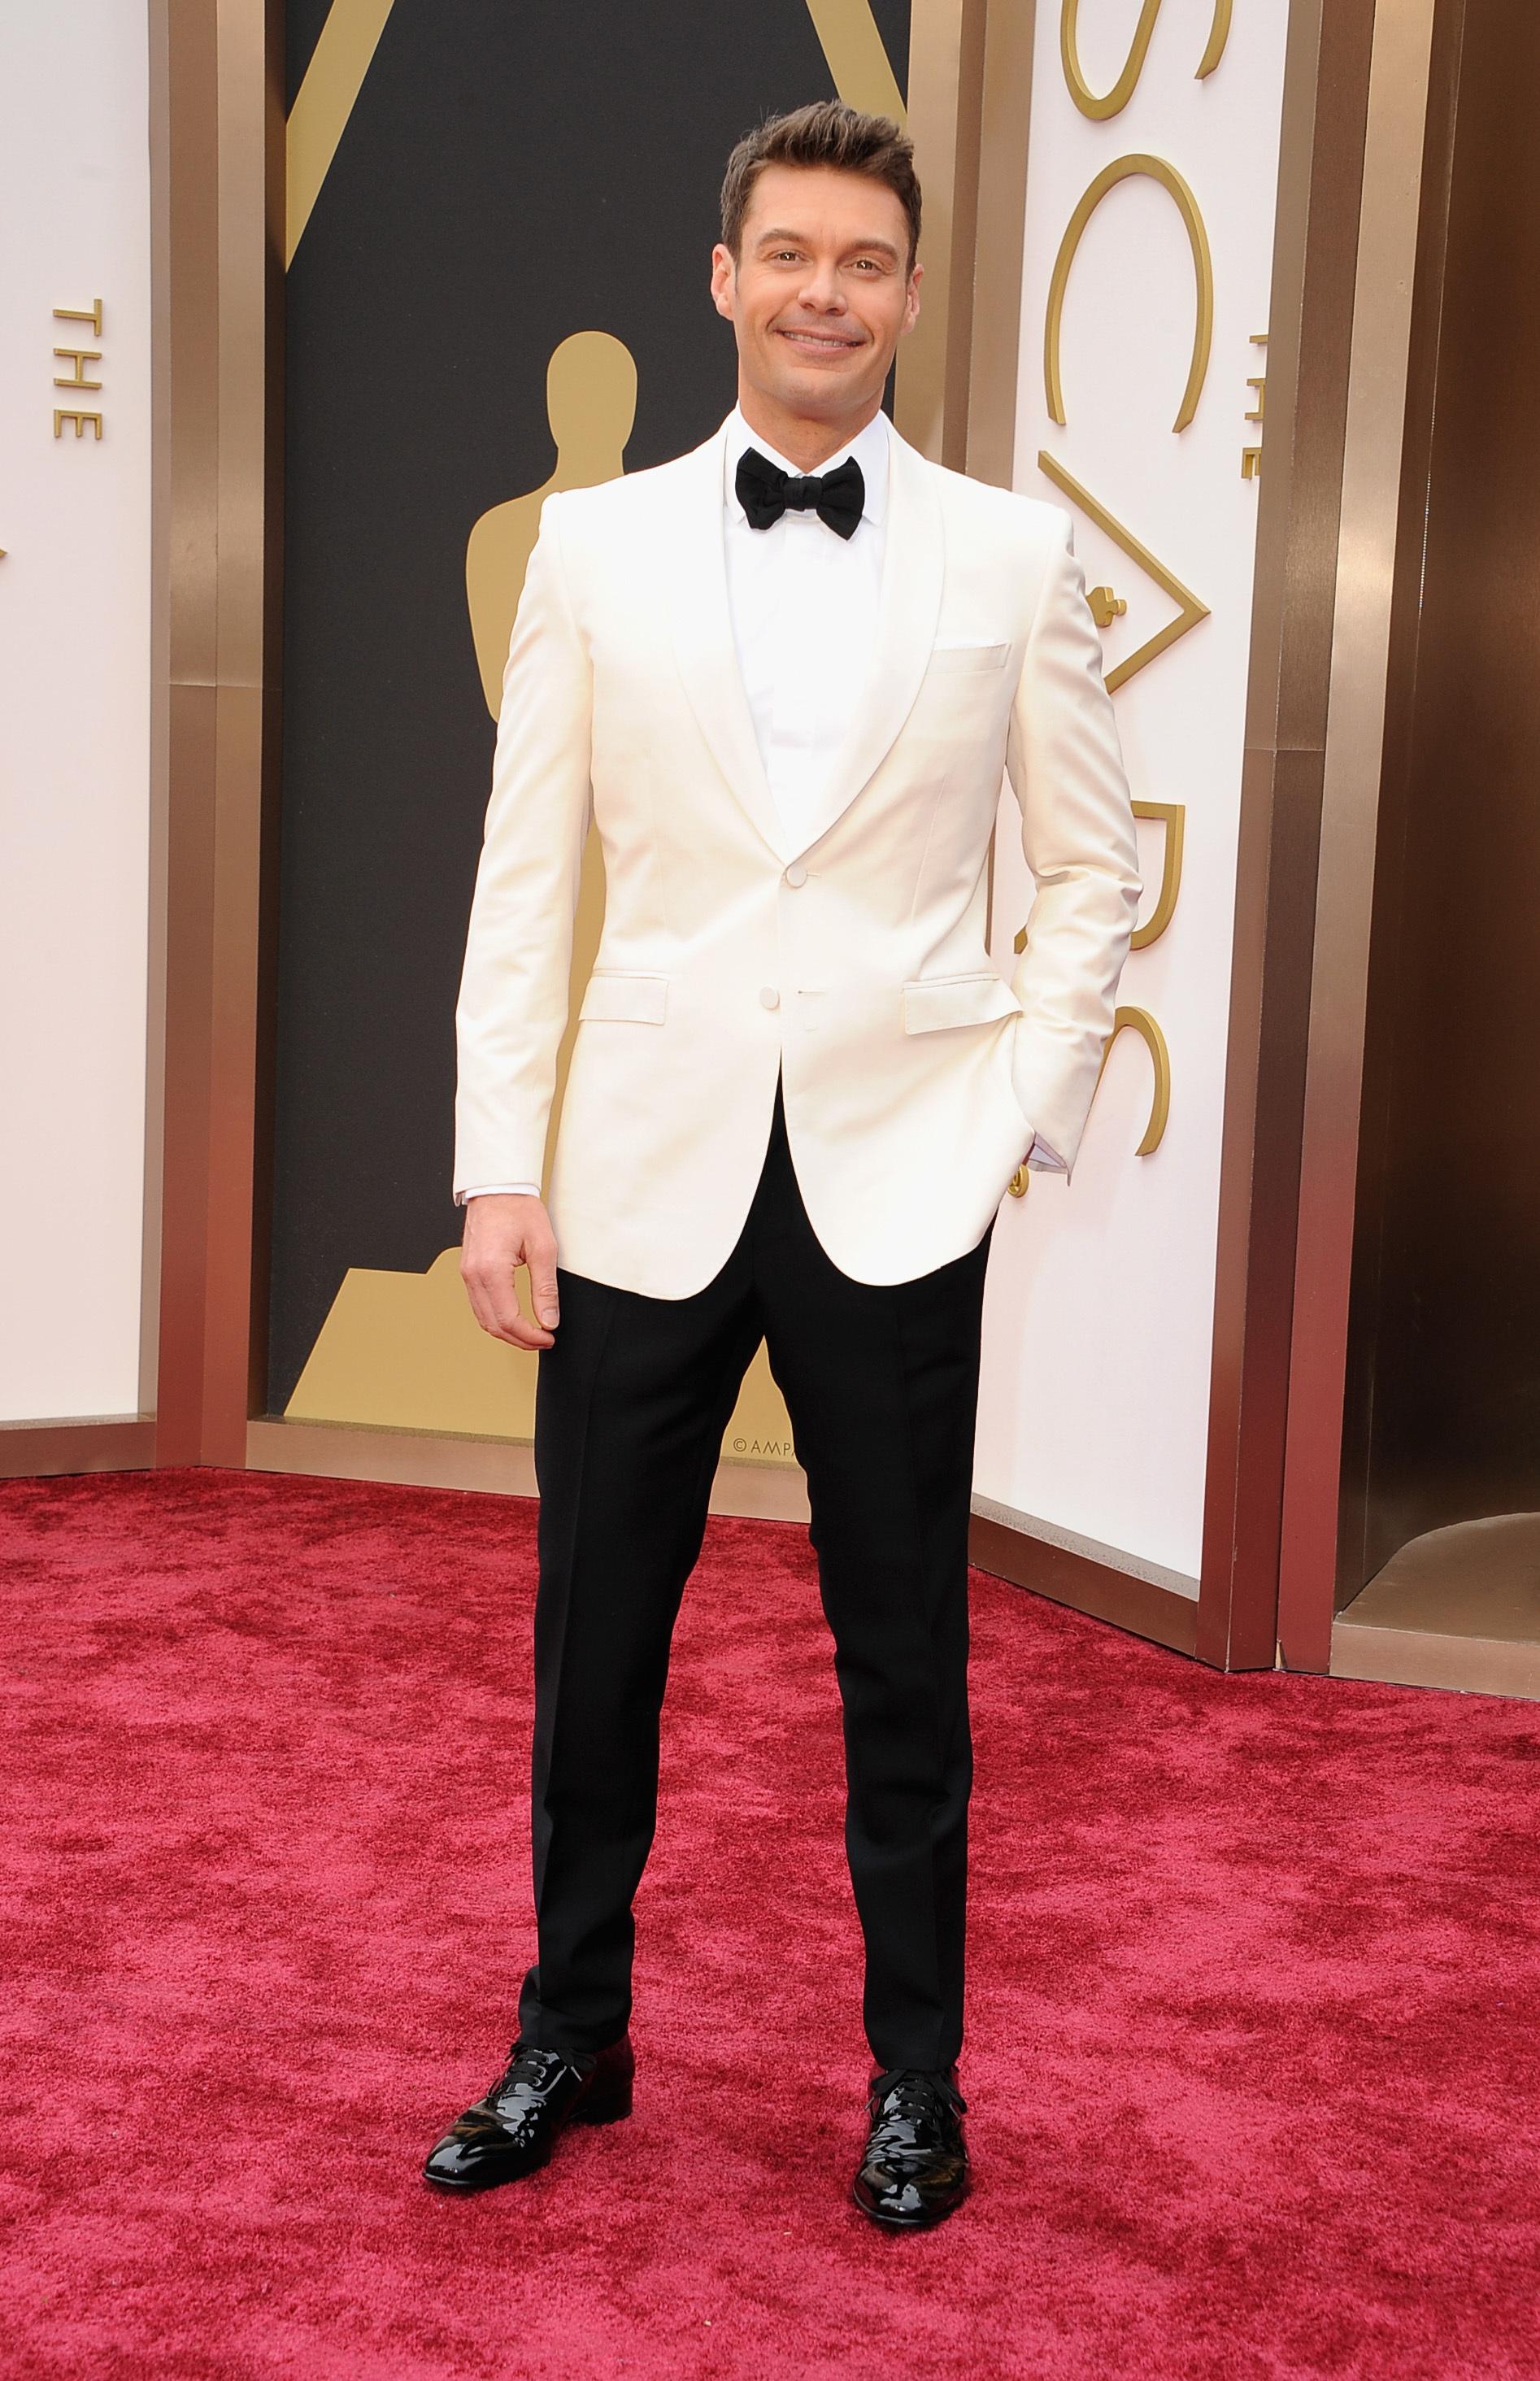 Ryan Seacrest Oscars